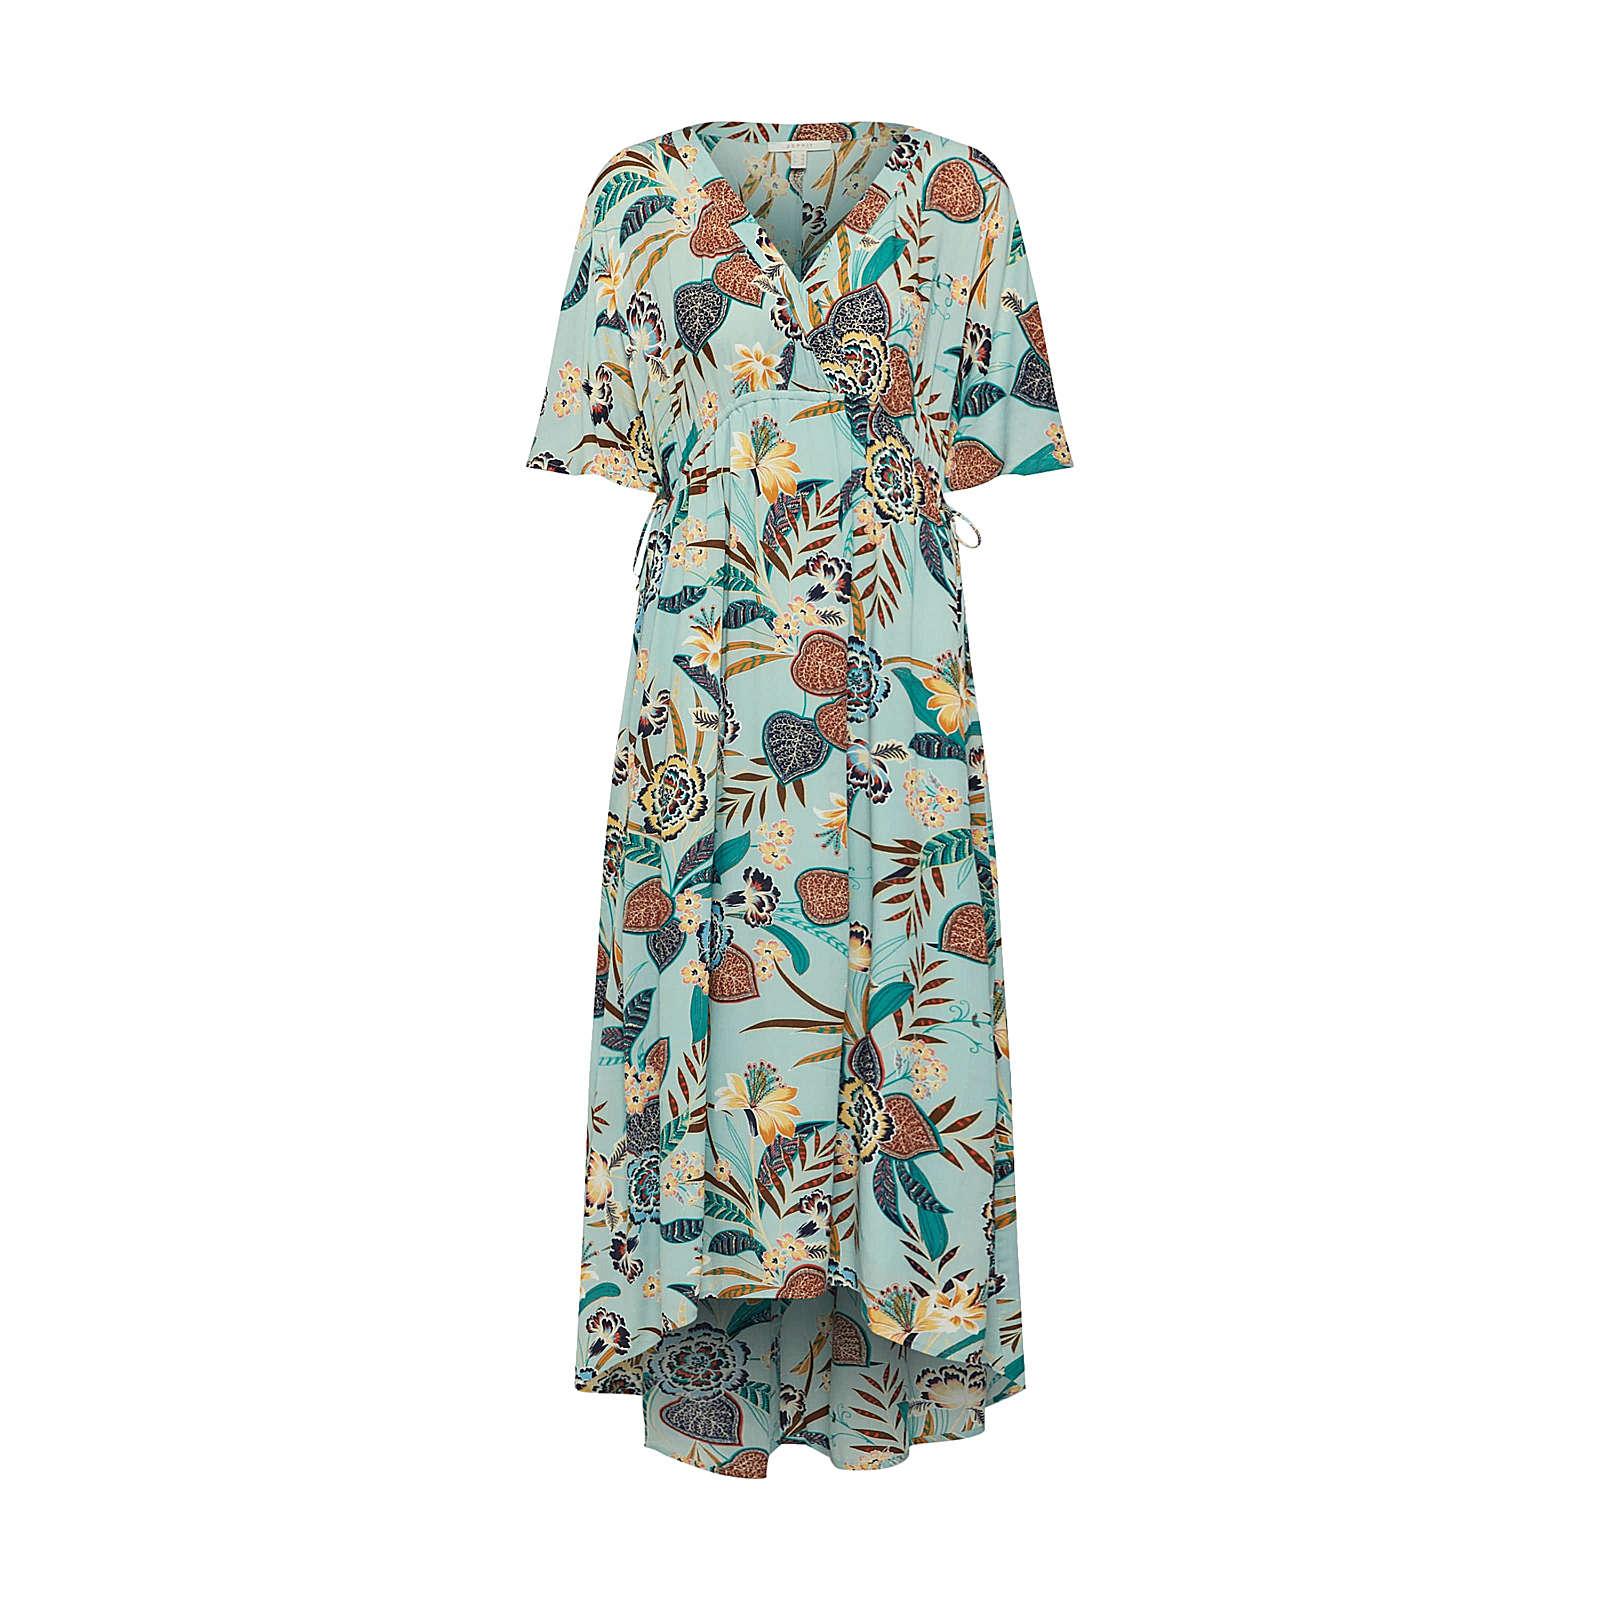 ESPRIT Sommerkleid Sommerkleider grün Damen Gr. 36